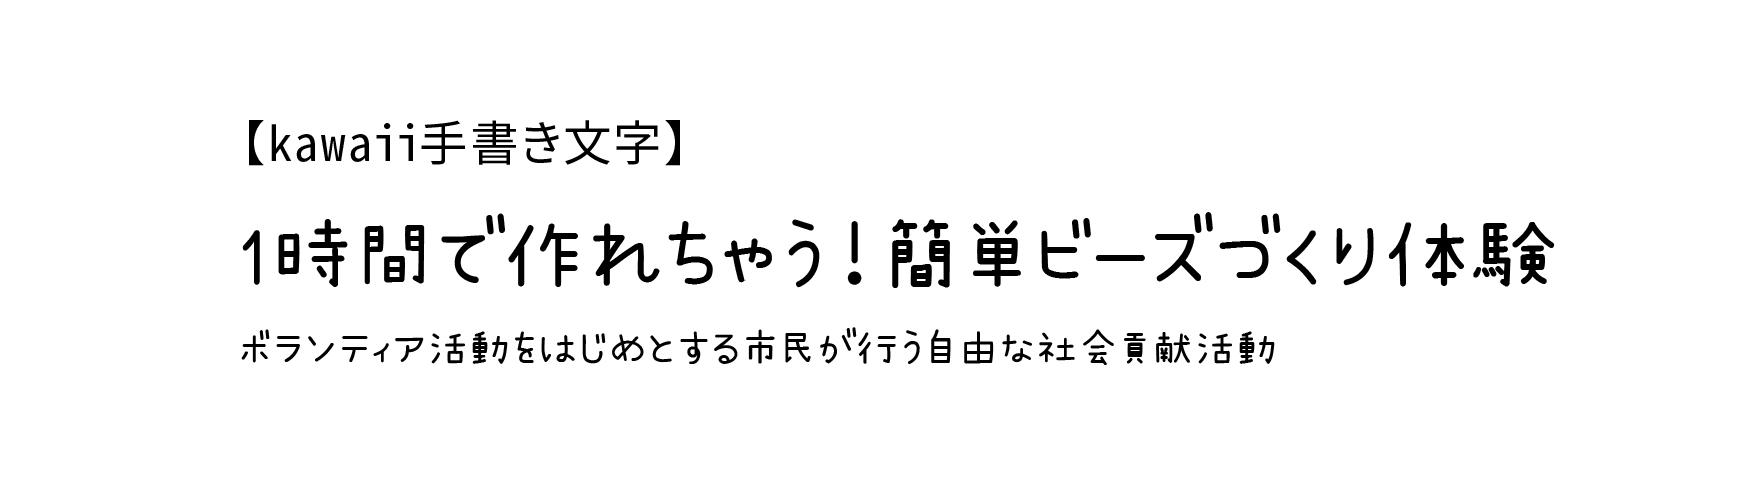 170508image630x360_sumple_kawaii